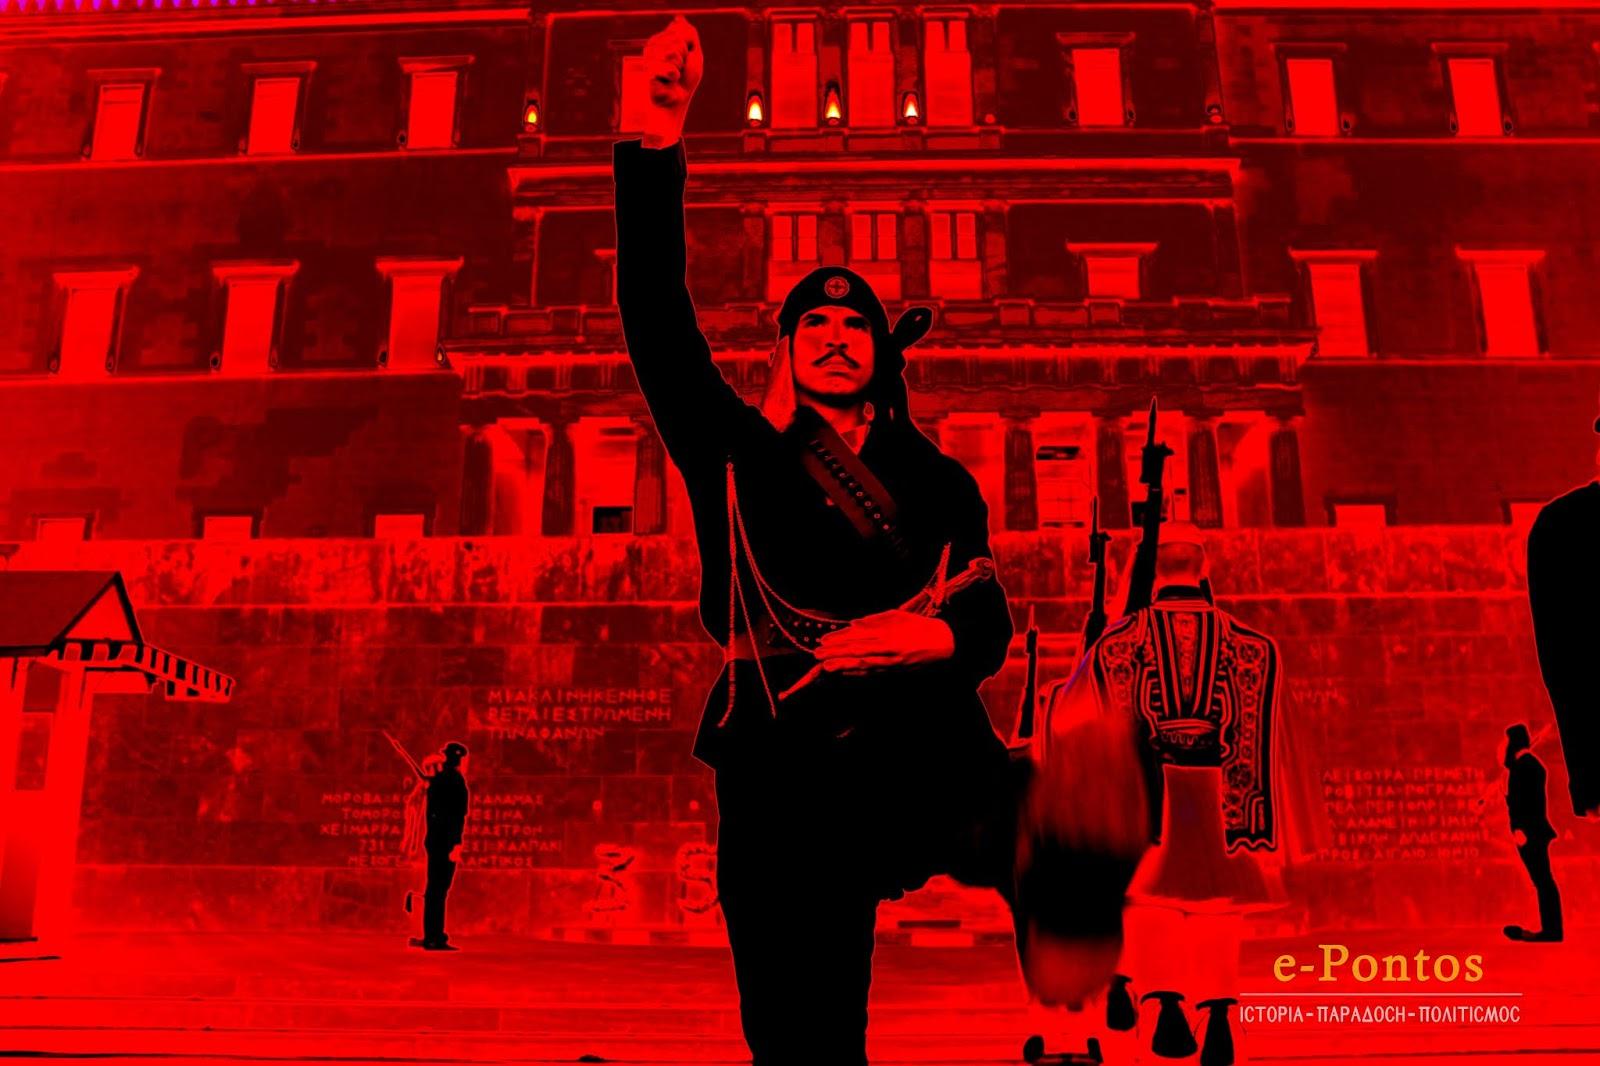 Ψηφίζουμε εδώ για να φωτιστεί στις 19 Μαΐου 2019 το Ελληνικό κοινοβούλιο με κόκκινο και μαύρο χρώμα